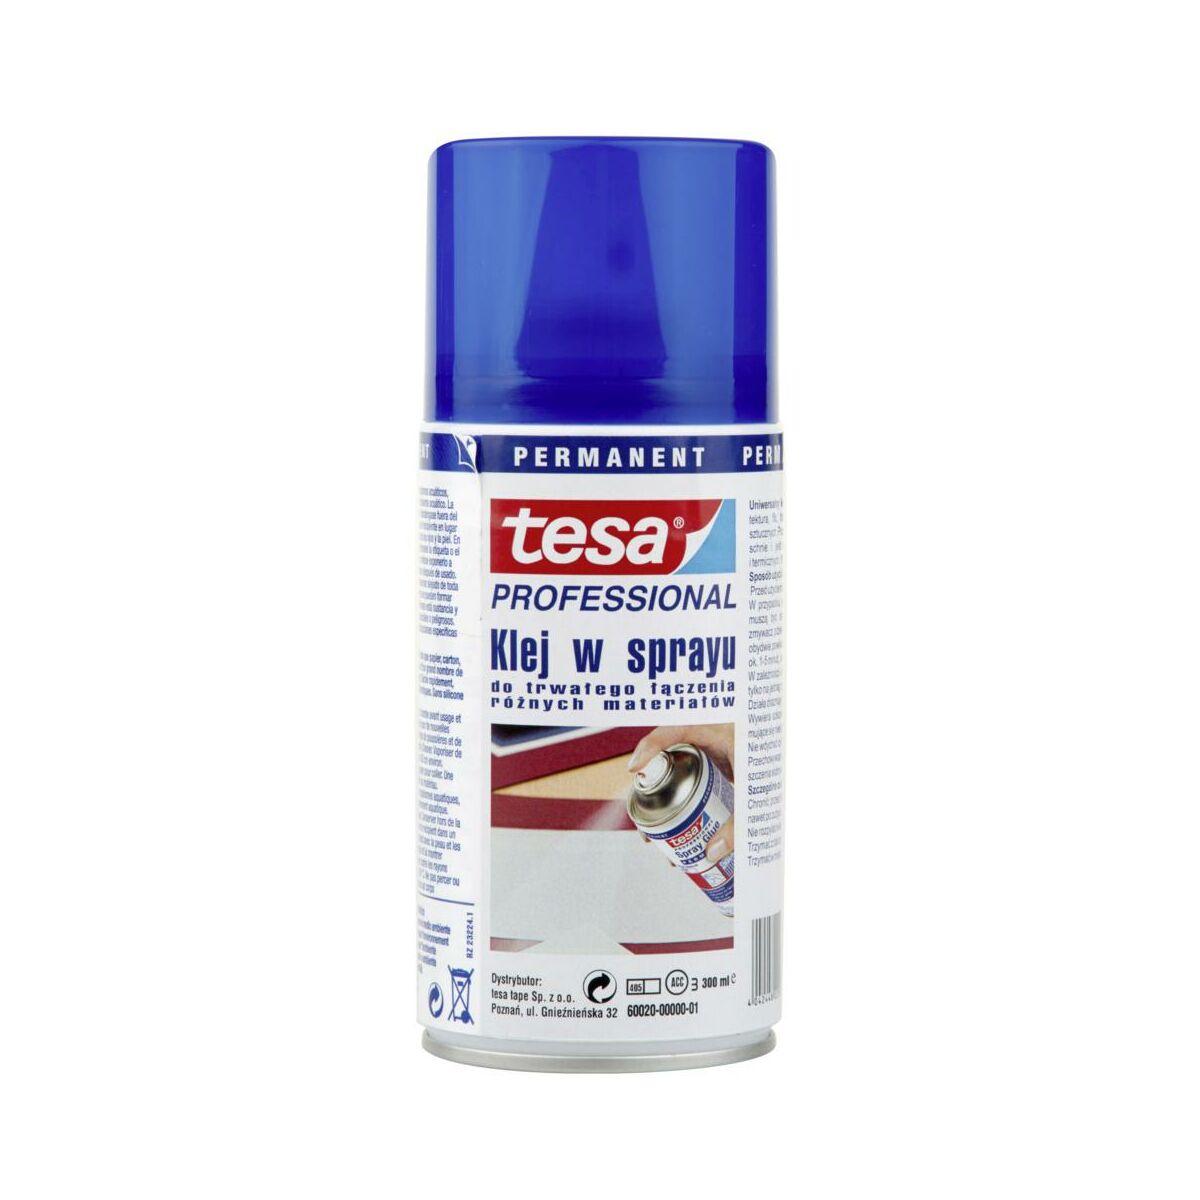 Klej W Sprayu Permanent 300 Ml Tesa Kleje Reparacyjne W Atrakcyjnej Cenie W Sklepach Leroy Merlin